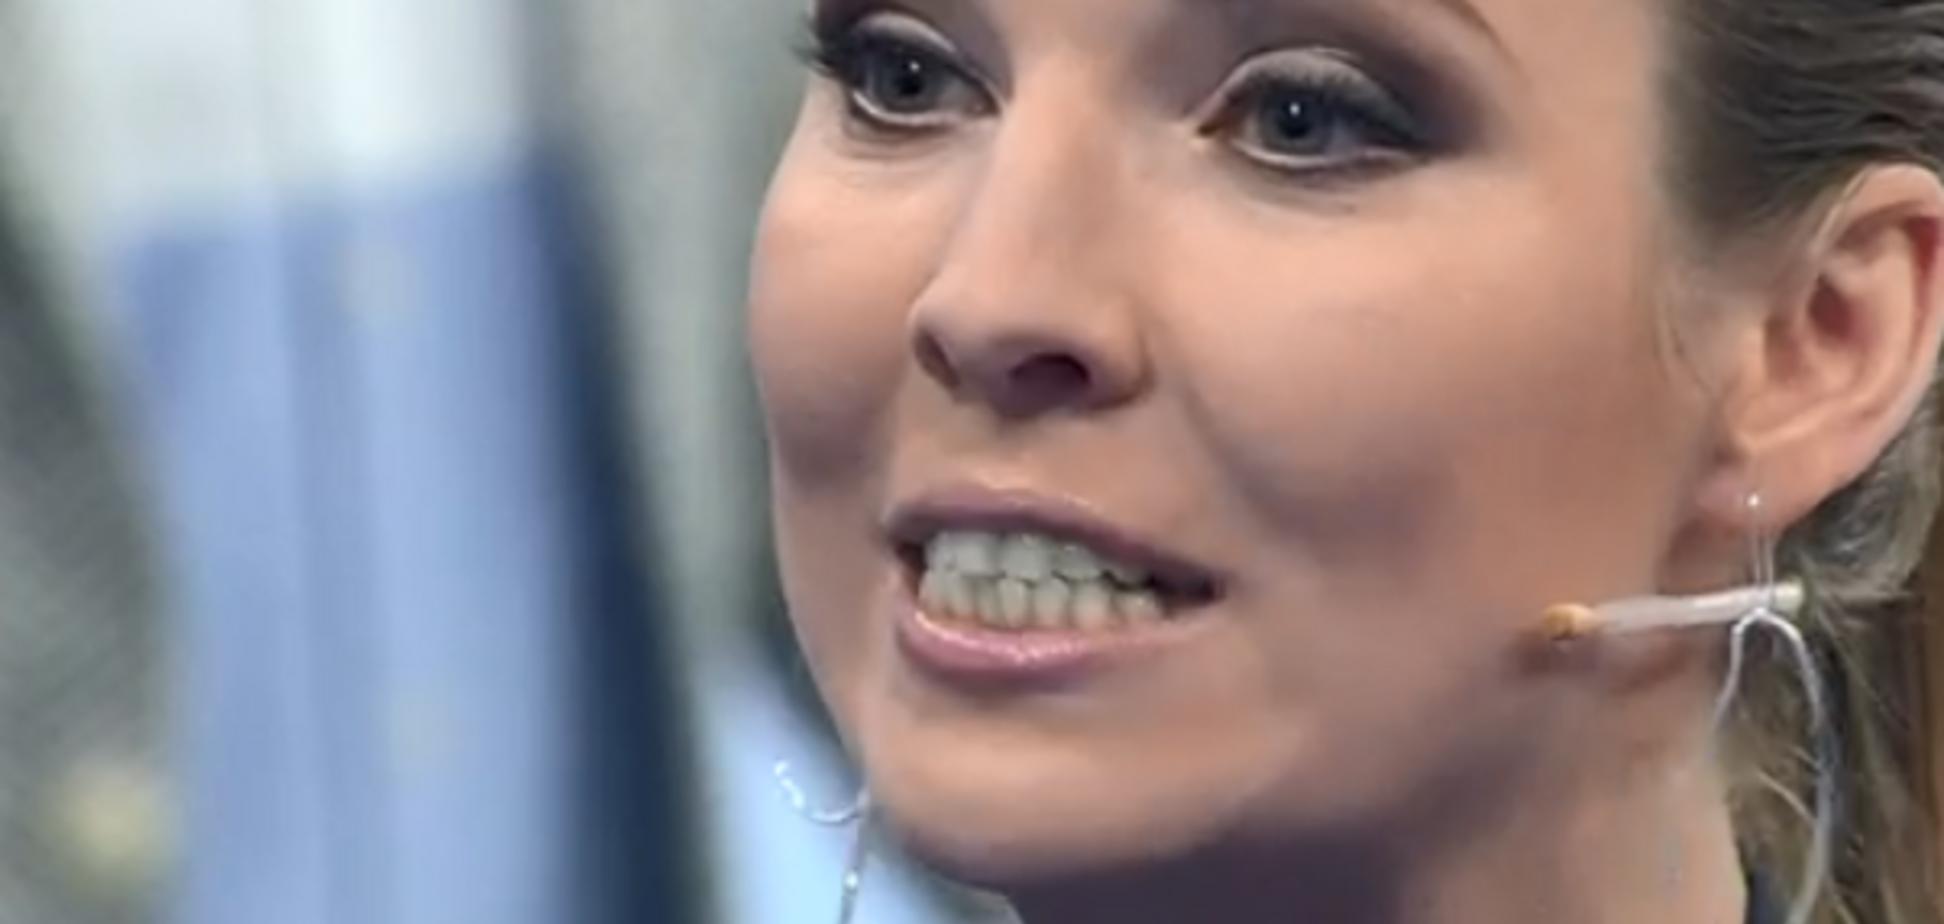 '200 тысяч погибших на Донбассе!' Пропагандистка Путина попала впросак из-за выборов в Украине